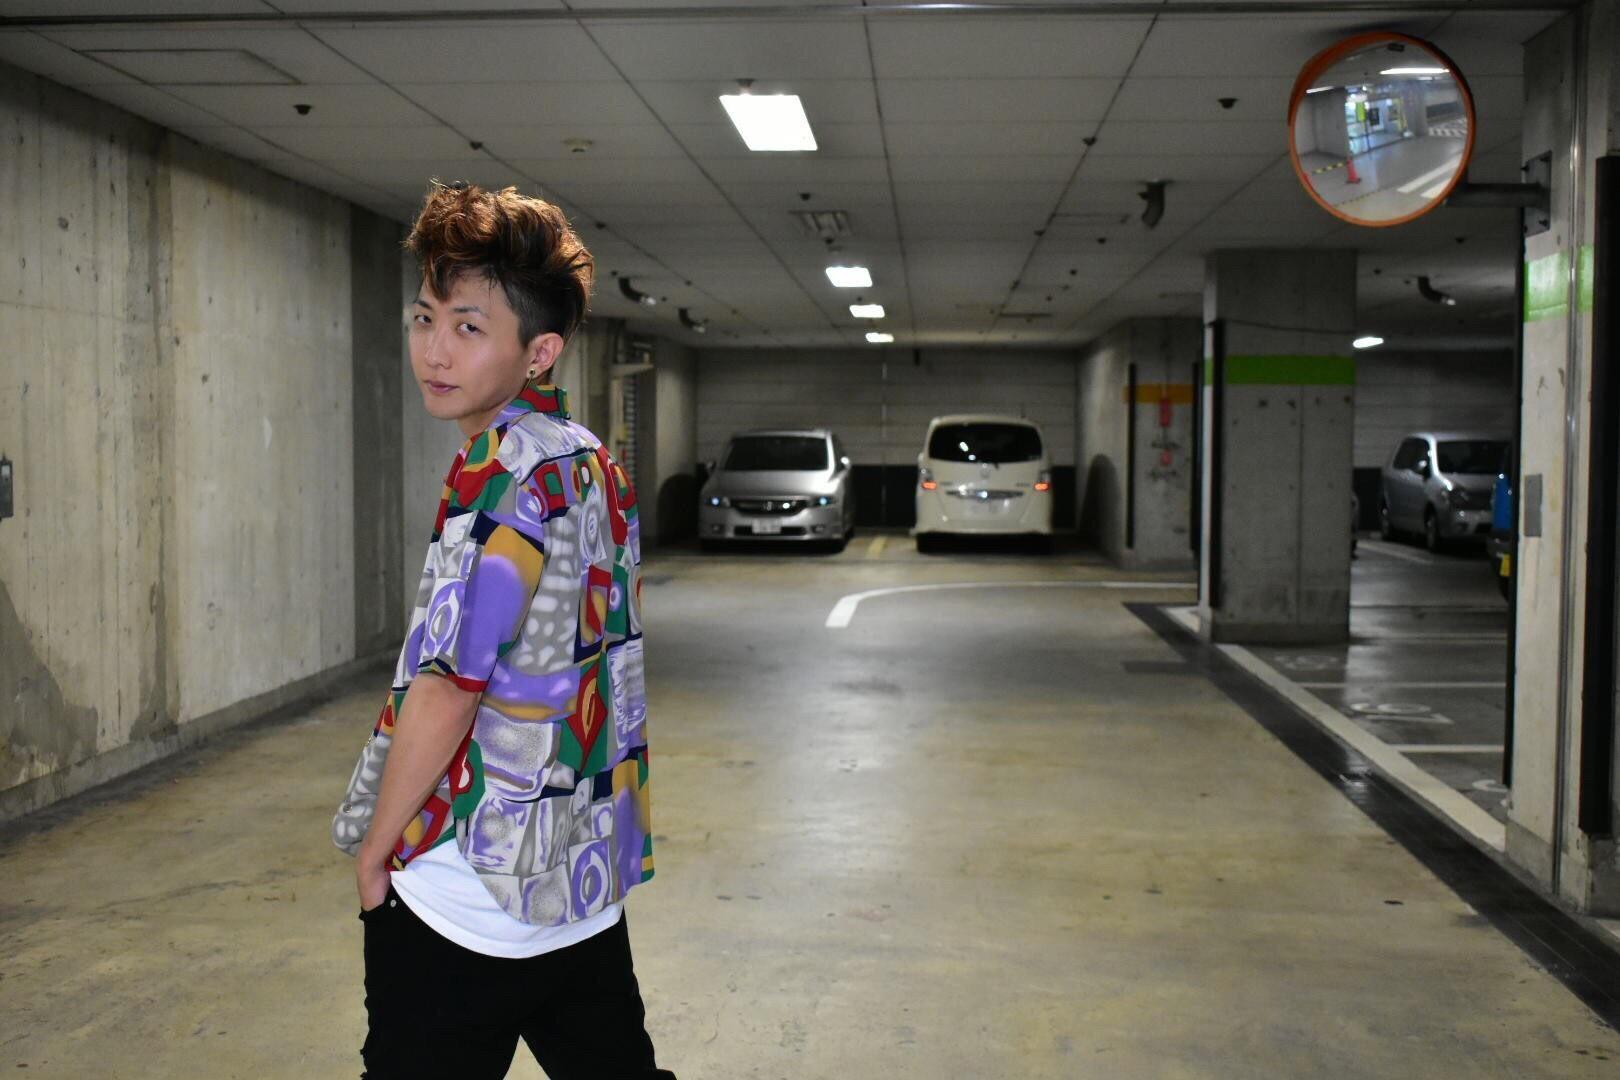 【バカムスコ翔】ワンマンライブ「翔 MUST GO ON」盛り上げキャンペーン!